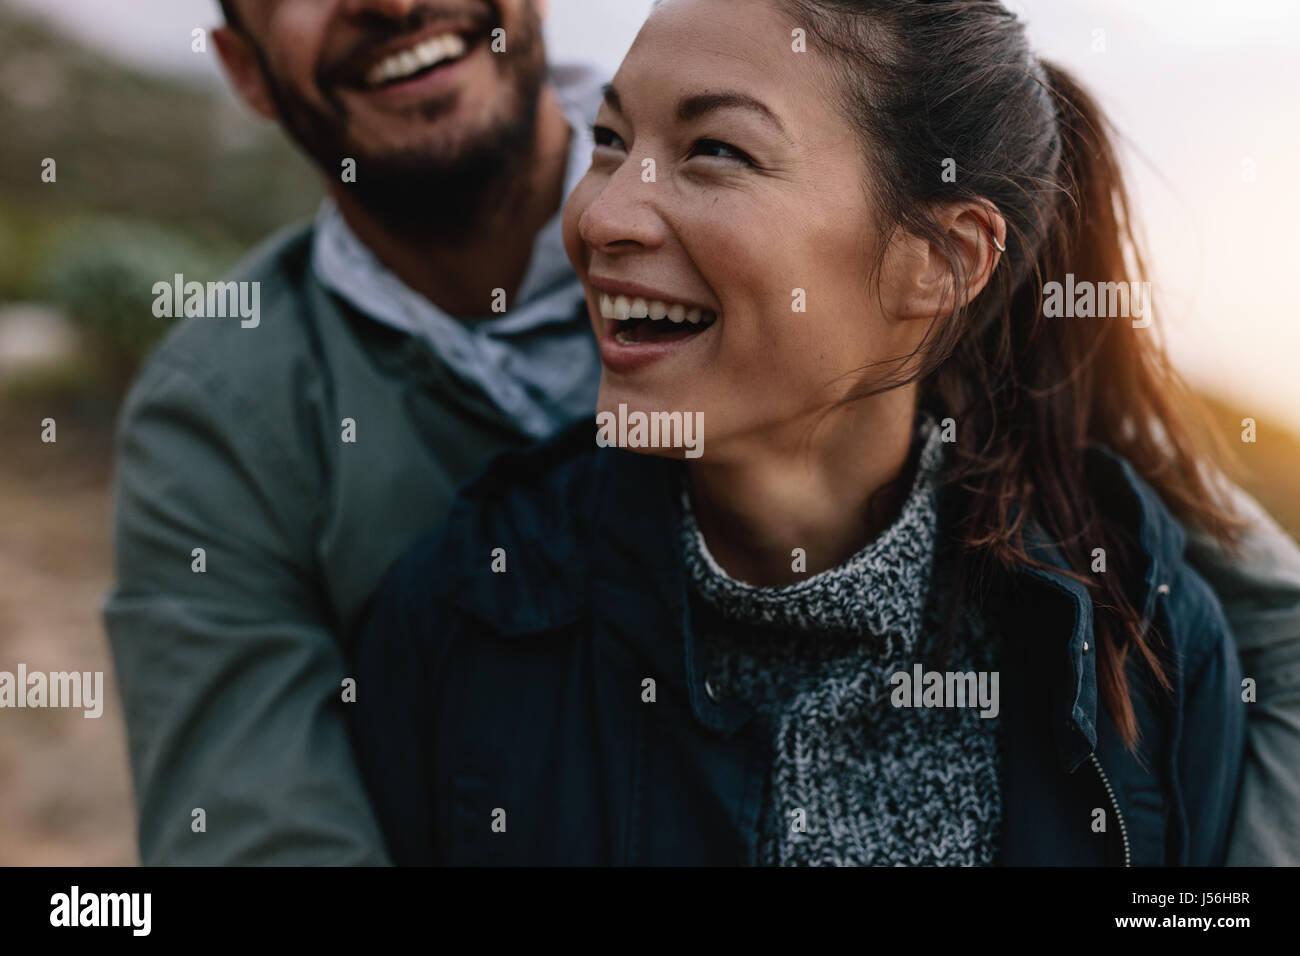 Lächelnde asiatische Frau wird von ihrem Freund von hinten umarmte. Paar im Urlaub genießen. Stockbild